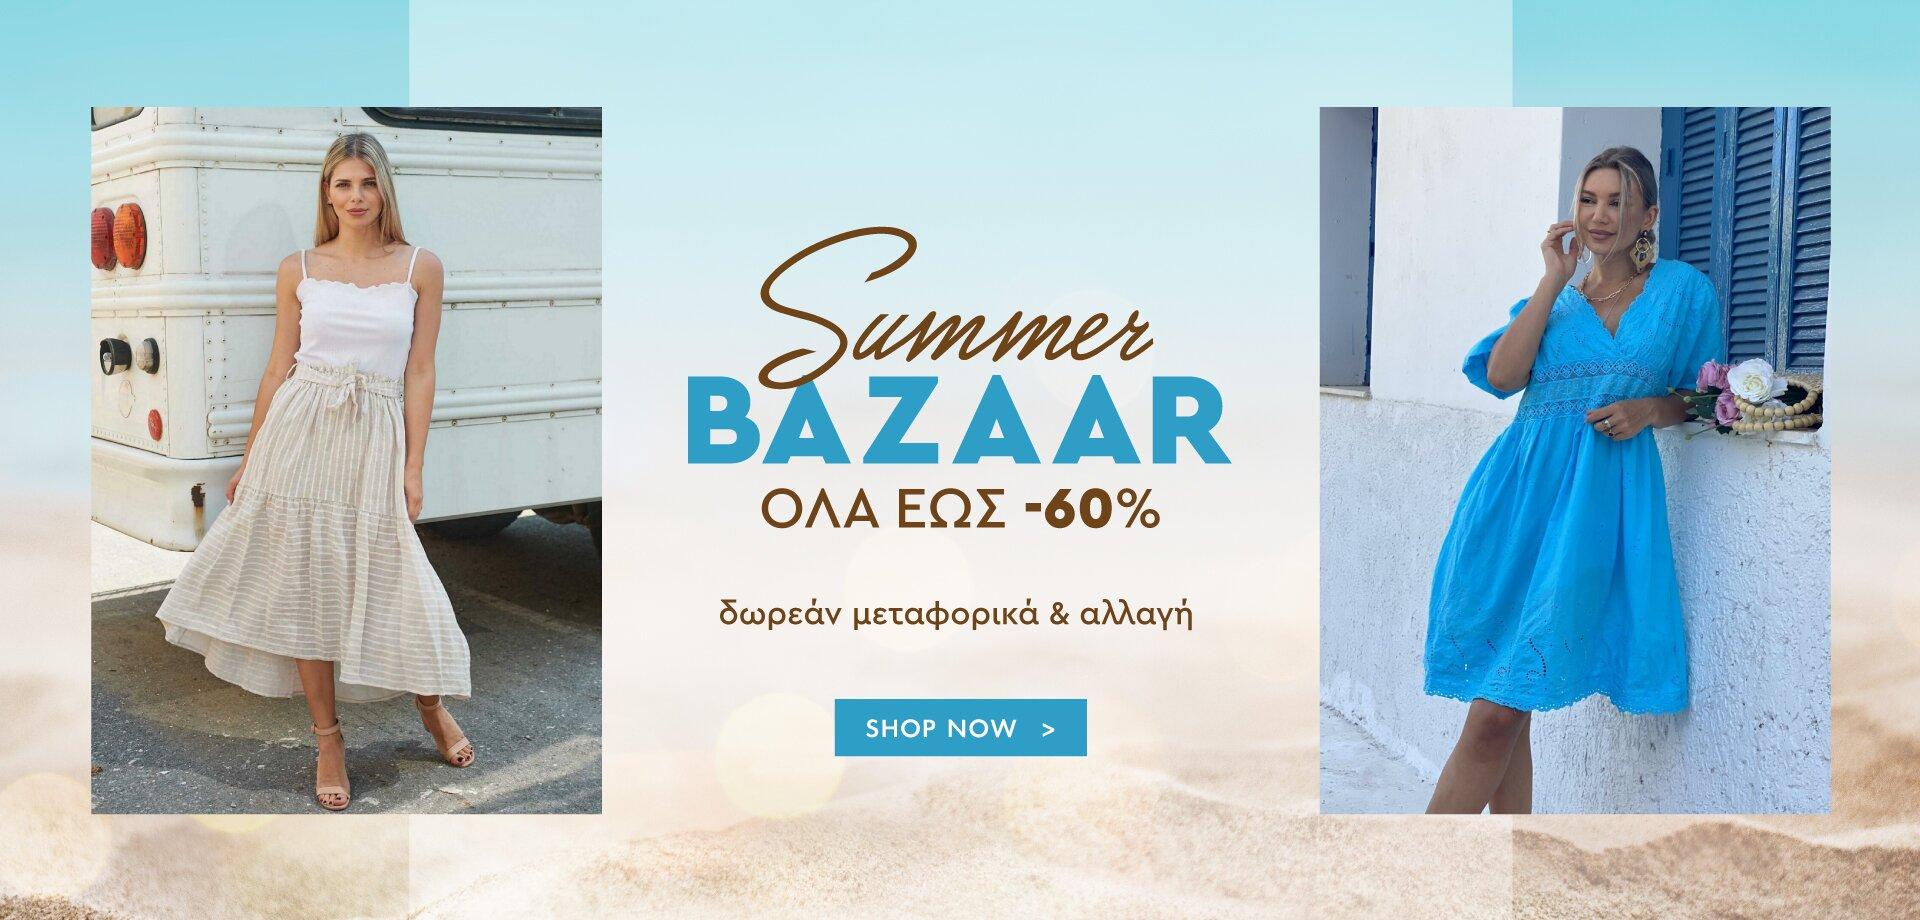 Summer Bazaar